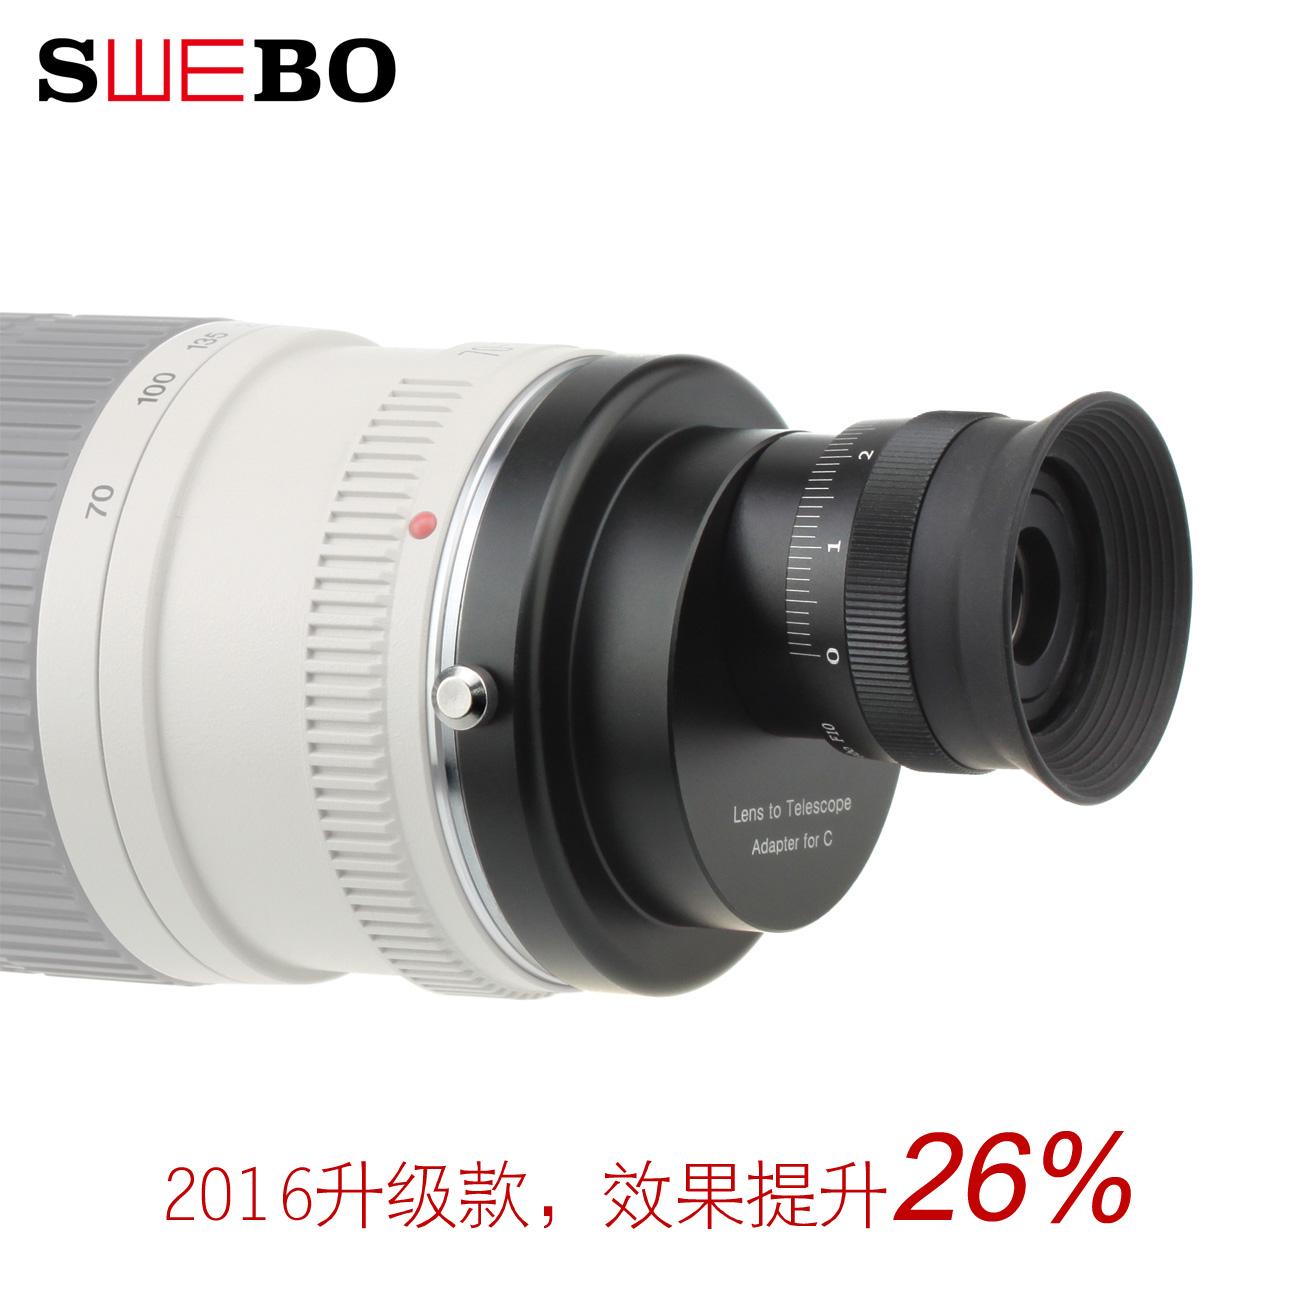 Купить Аксессуары для цифровых камер в Китае, в интернет магазине таобао на русском языке